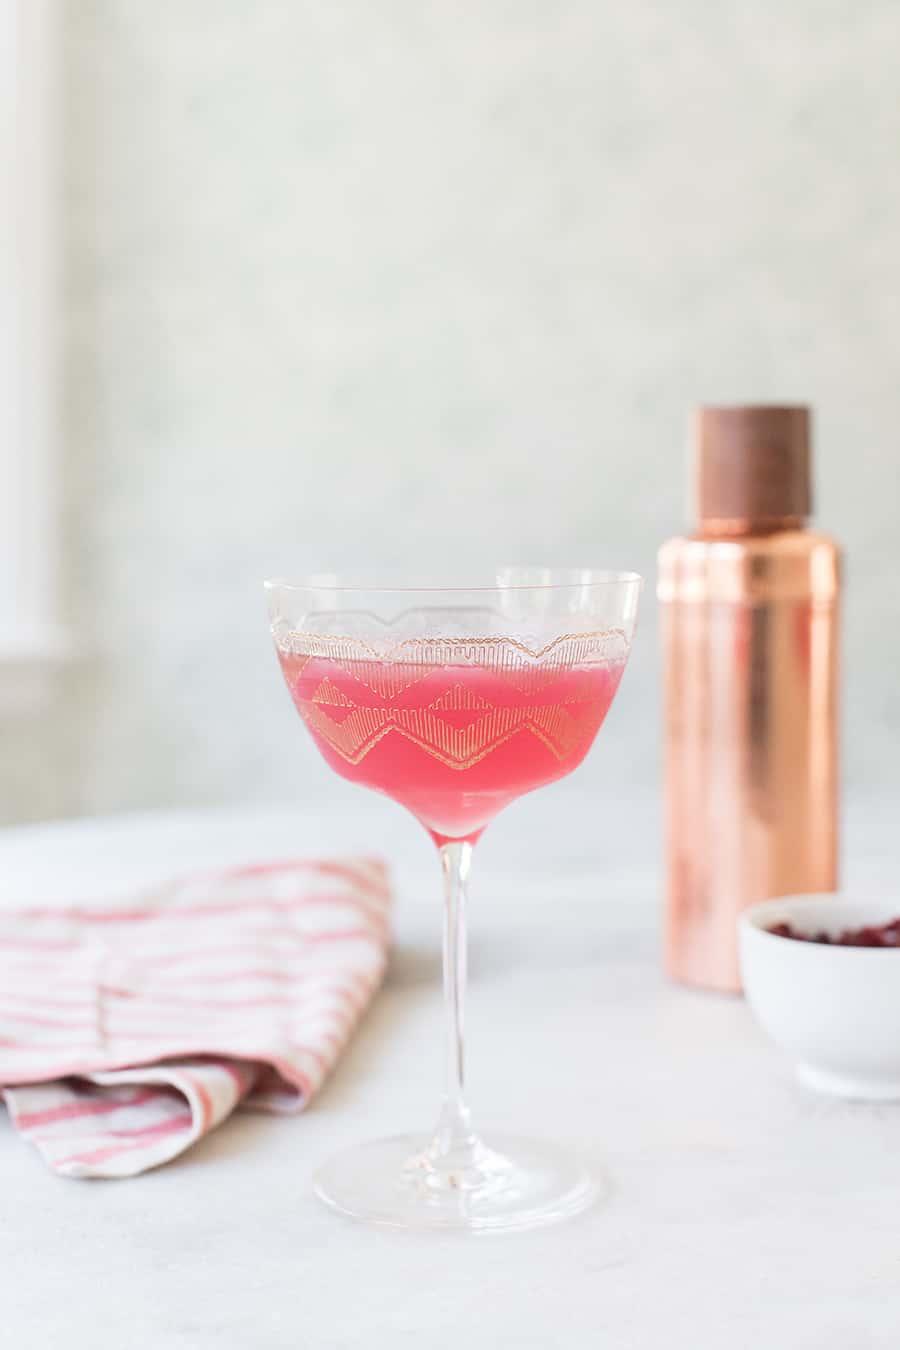 cranberry martini in a glass